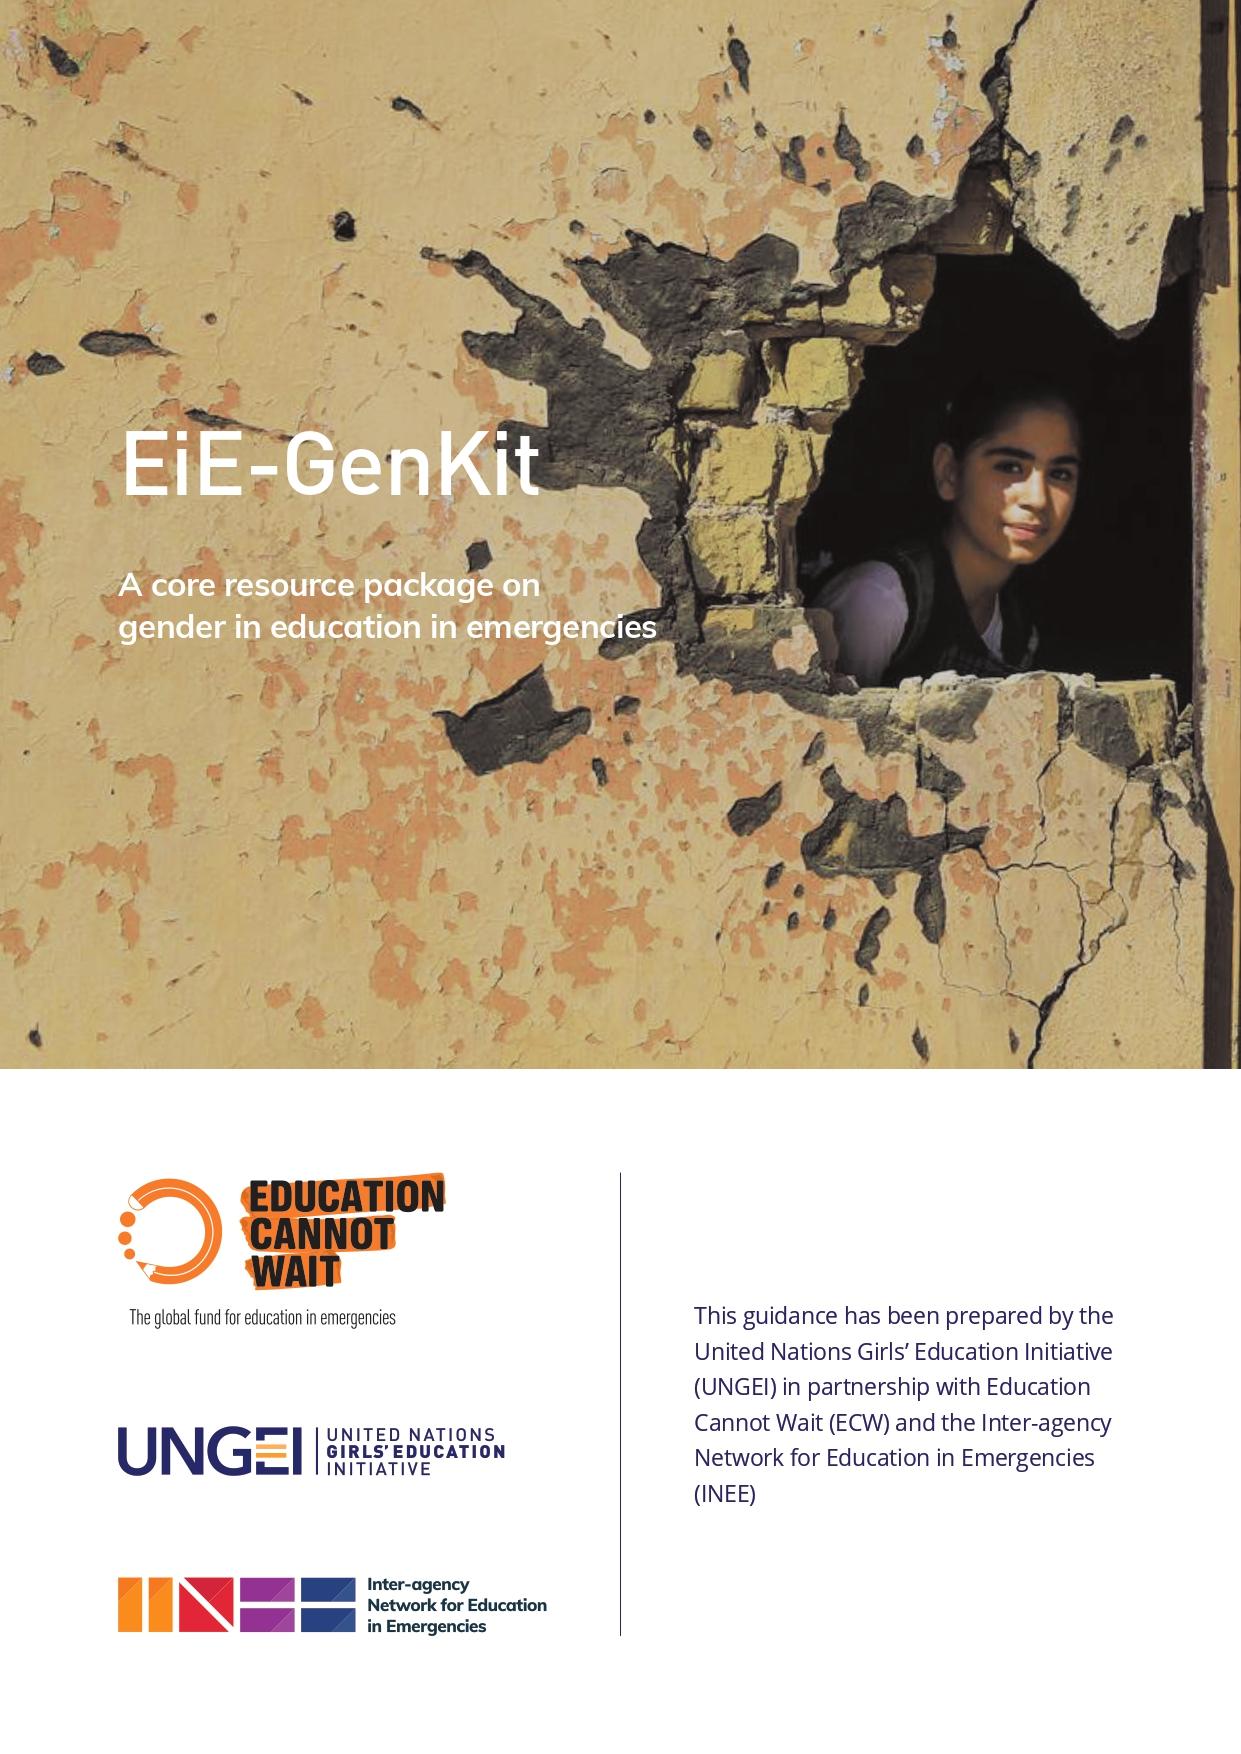 EiE-GenKit